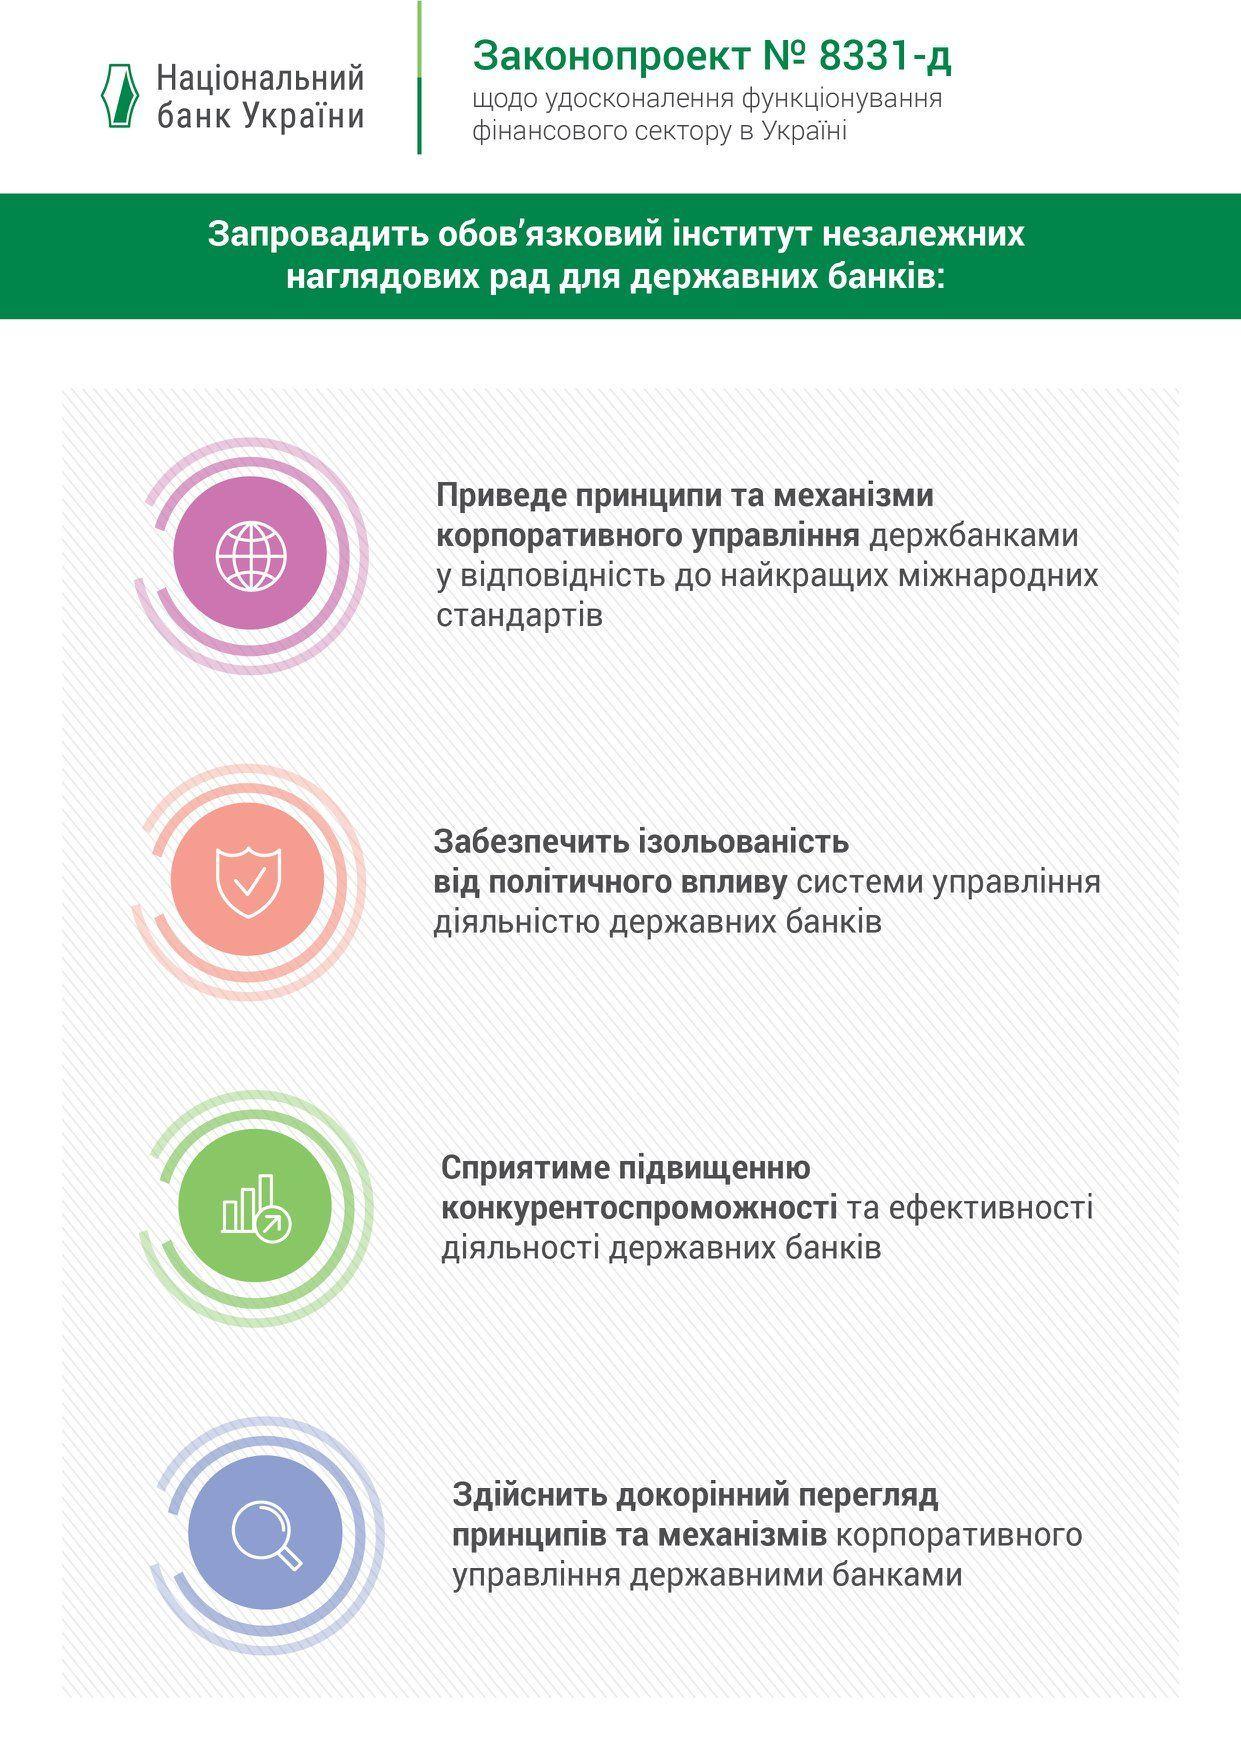 державні банки_1